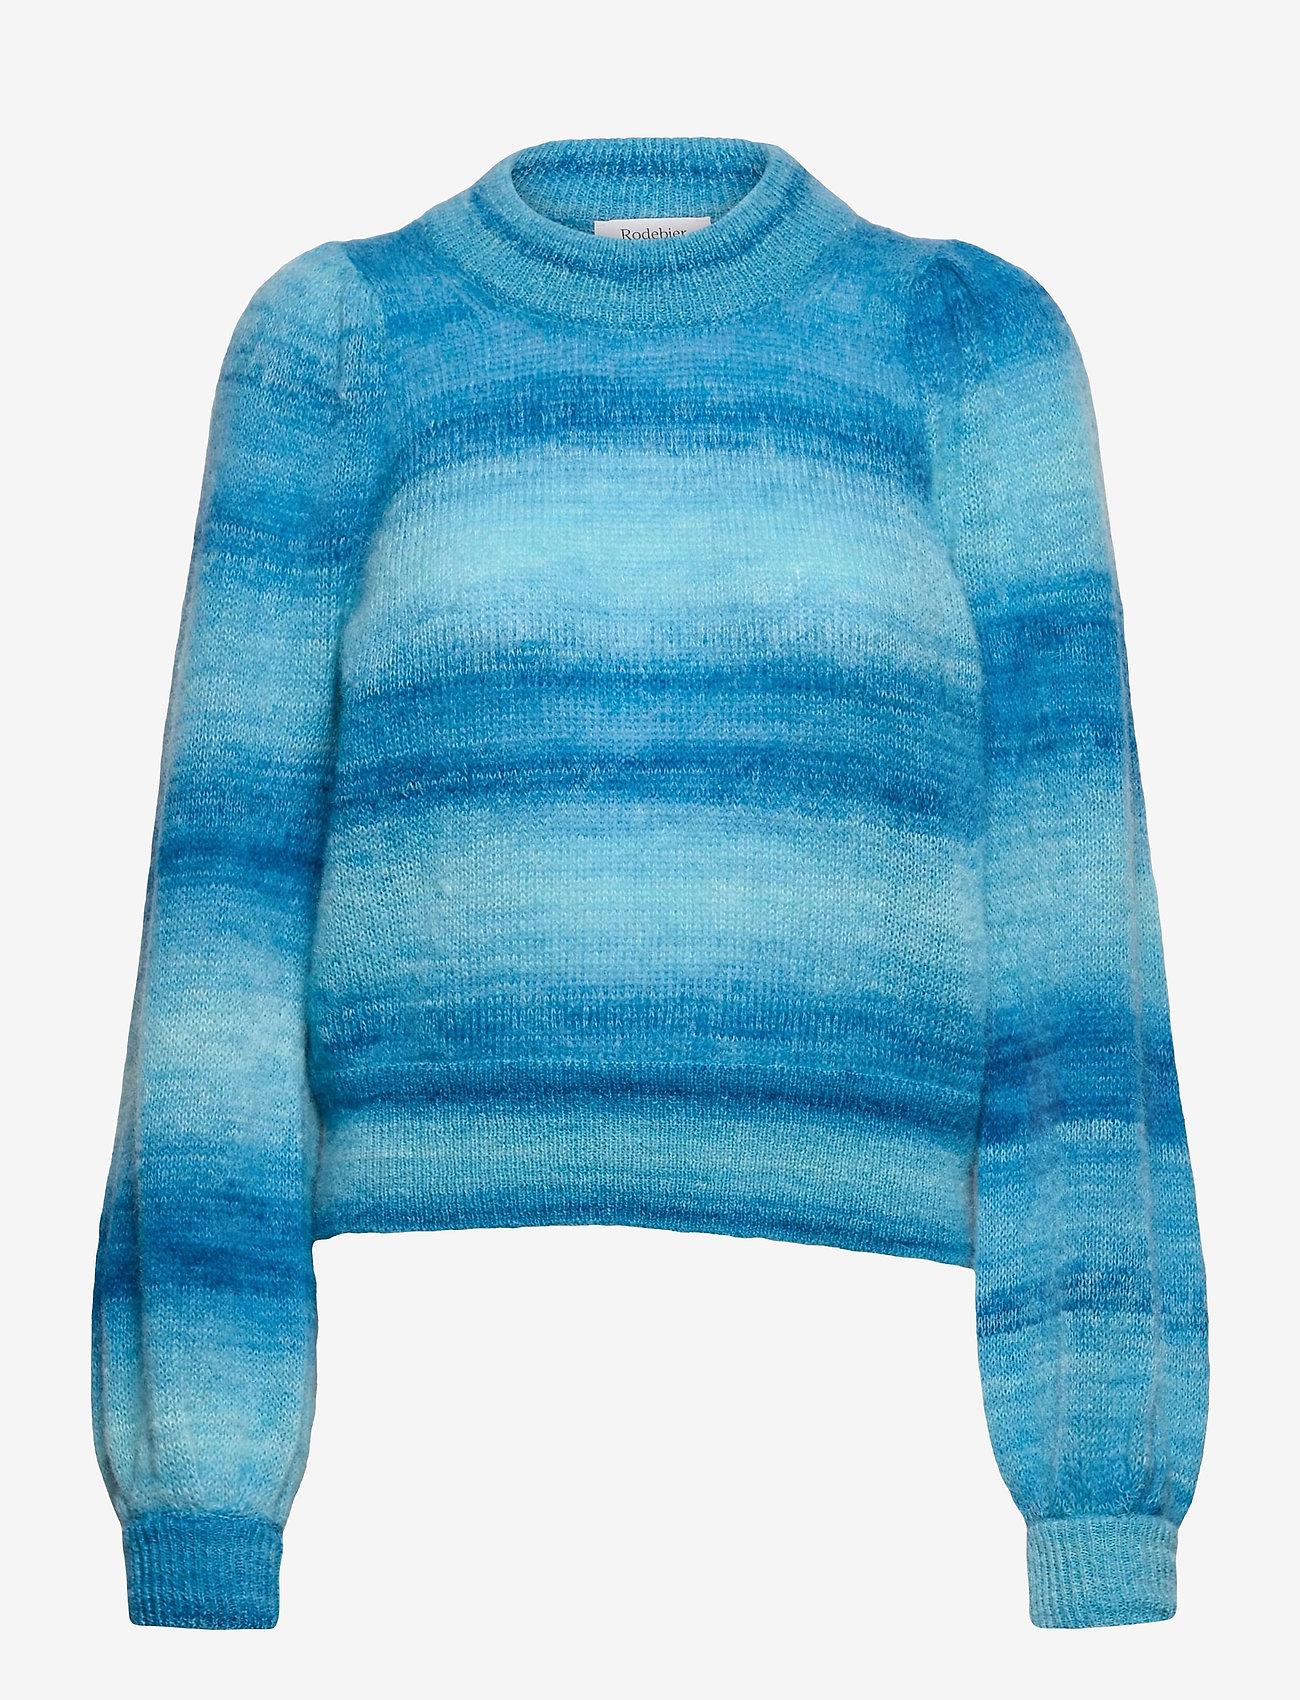 RODEBJER - RODEBJER OCEAN - trøjer - blue poppy - 0